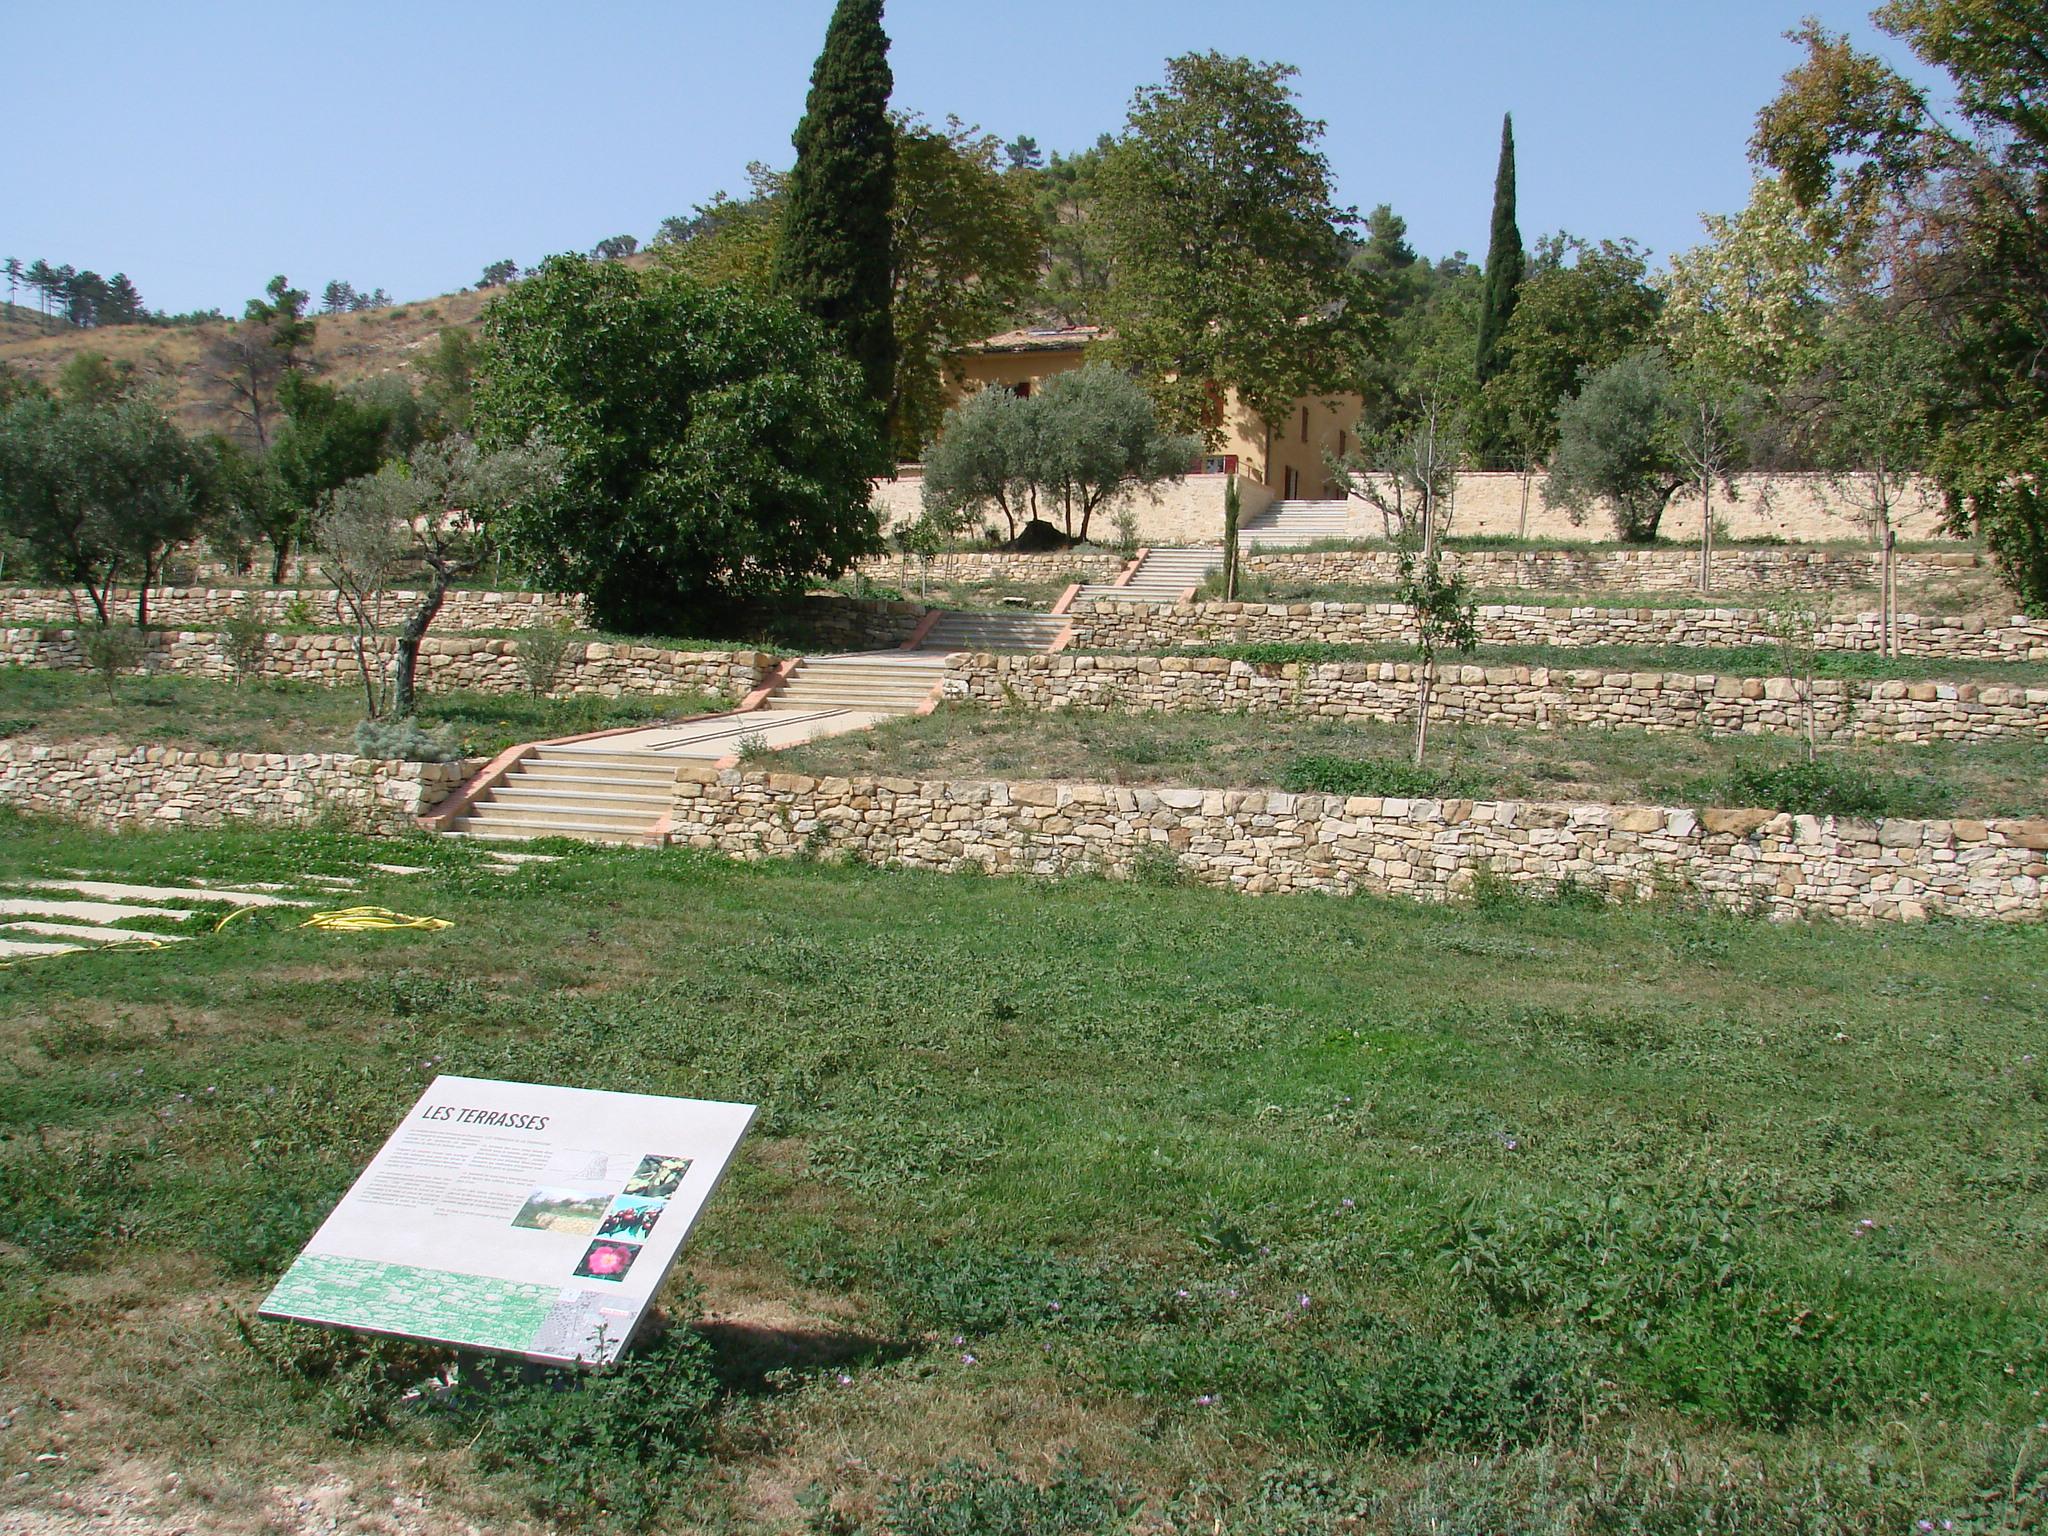 Terrasses de culture de La Thomassine – Maison de la biodiversité à Manosque (photo PNRL)